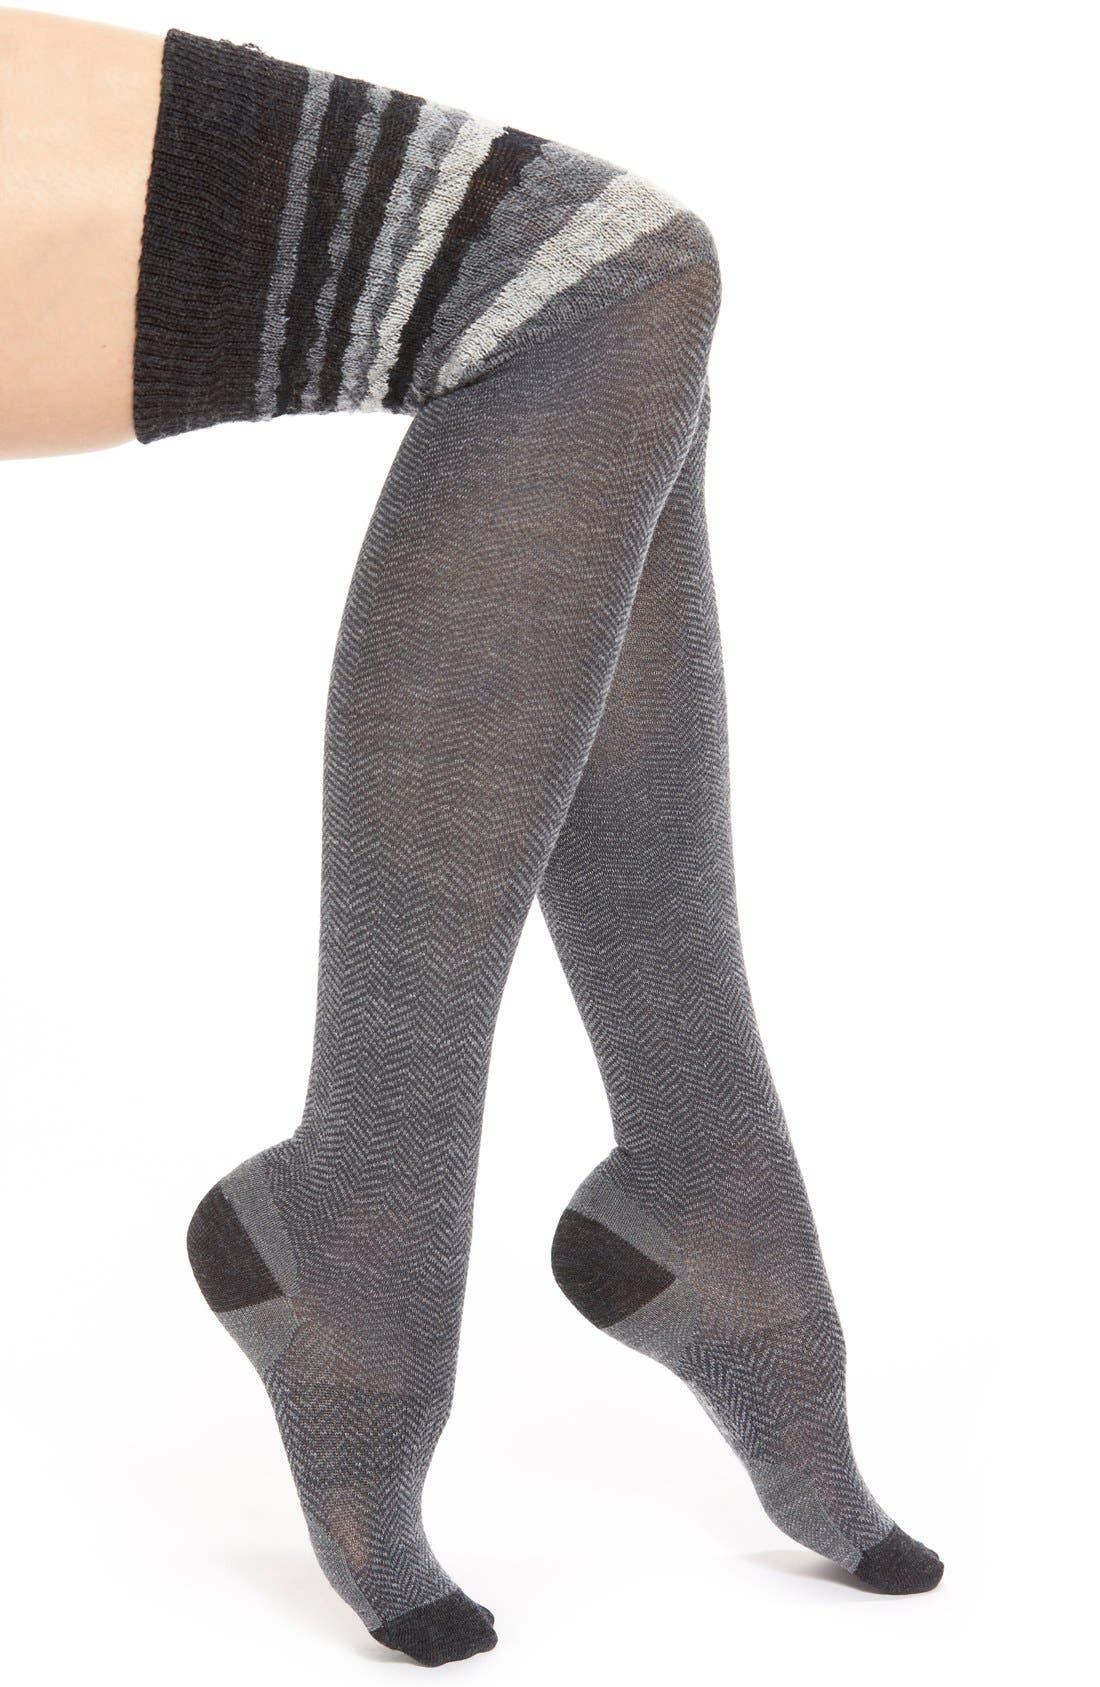 Alternate Image 1 Selected - Smartwool Chevron Stripe Over the Knee Socks